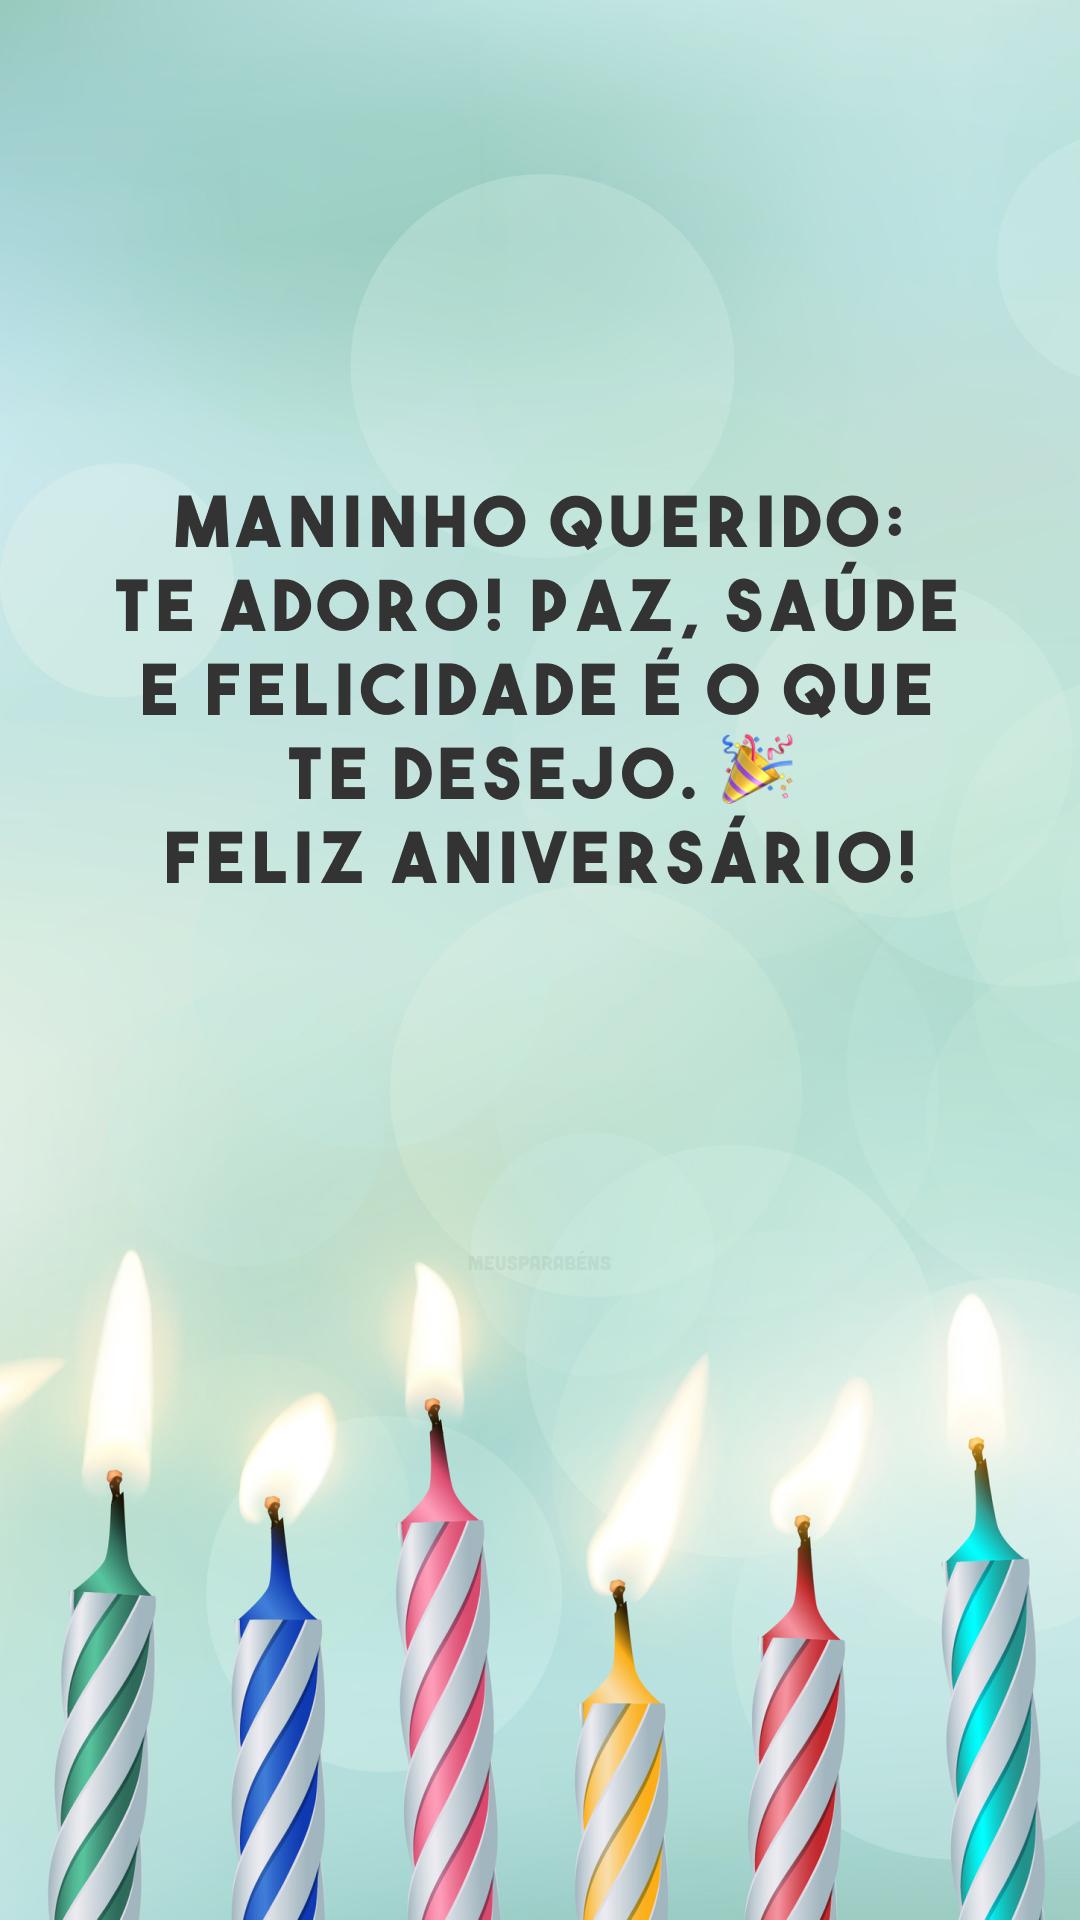 Maninho querido: te adoro! Paz, saúde e felicidade é o que te desejo. 🎉 Feliz aniversário!